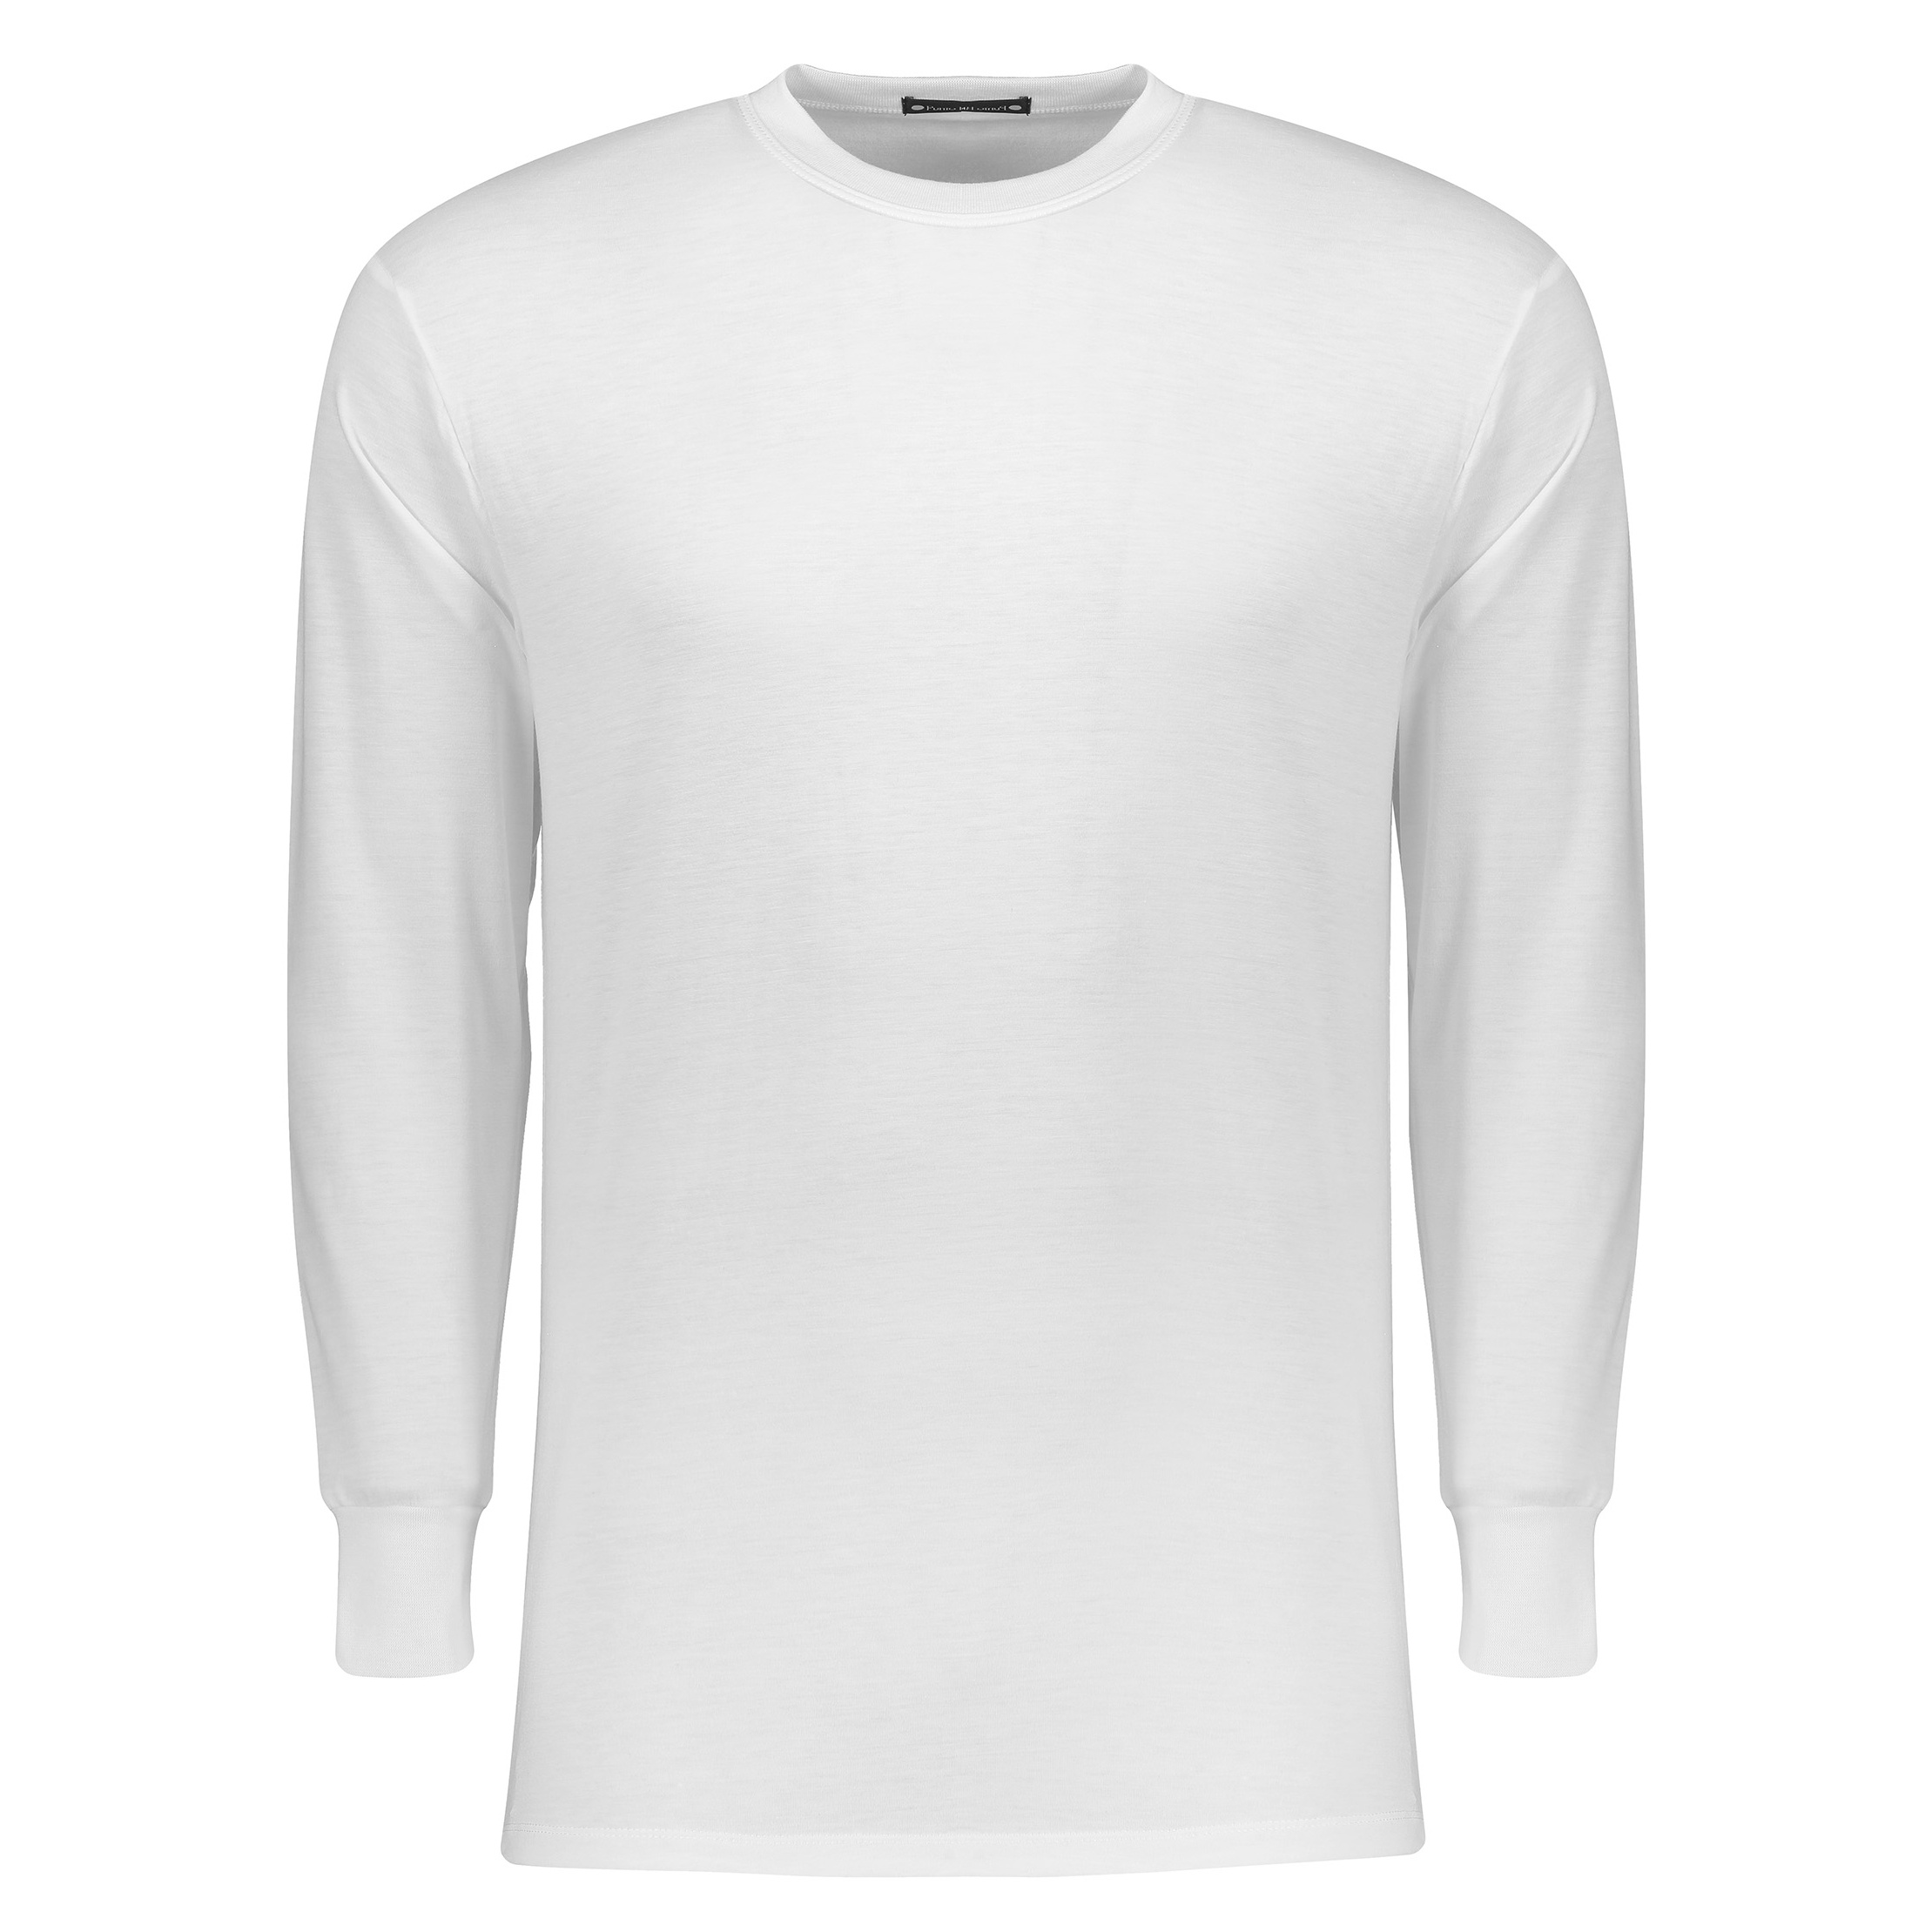 تی شرت راحتی مردانه پونتو بلانکو کد 33179-20-000